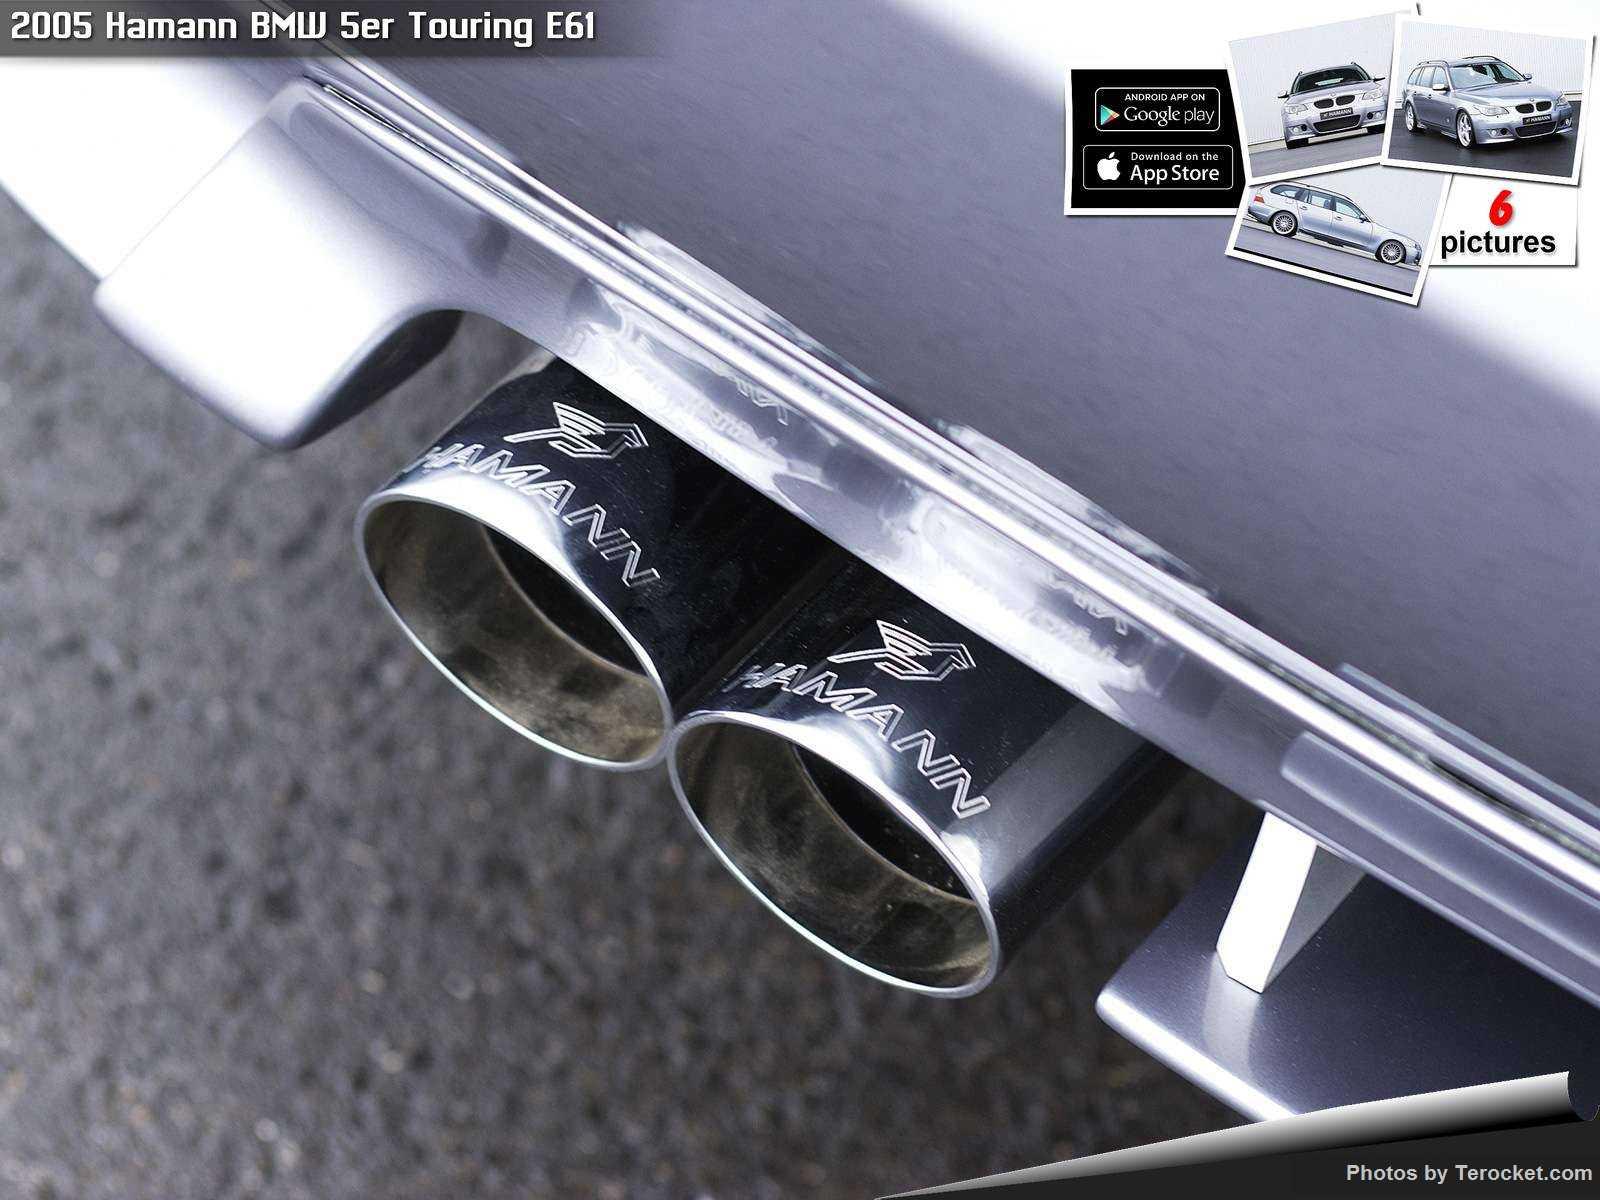 Hình ảnh xe ô tô Hamann BMW 5er Touring E61 2005 & nội ngoại thất